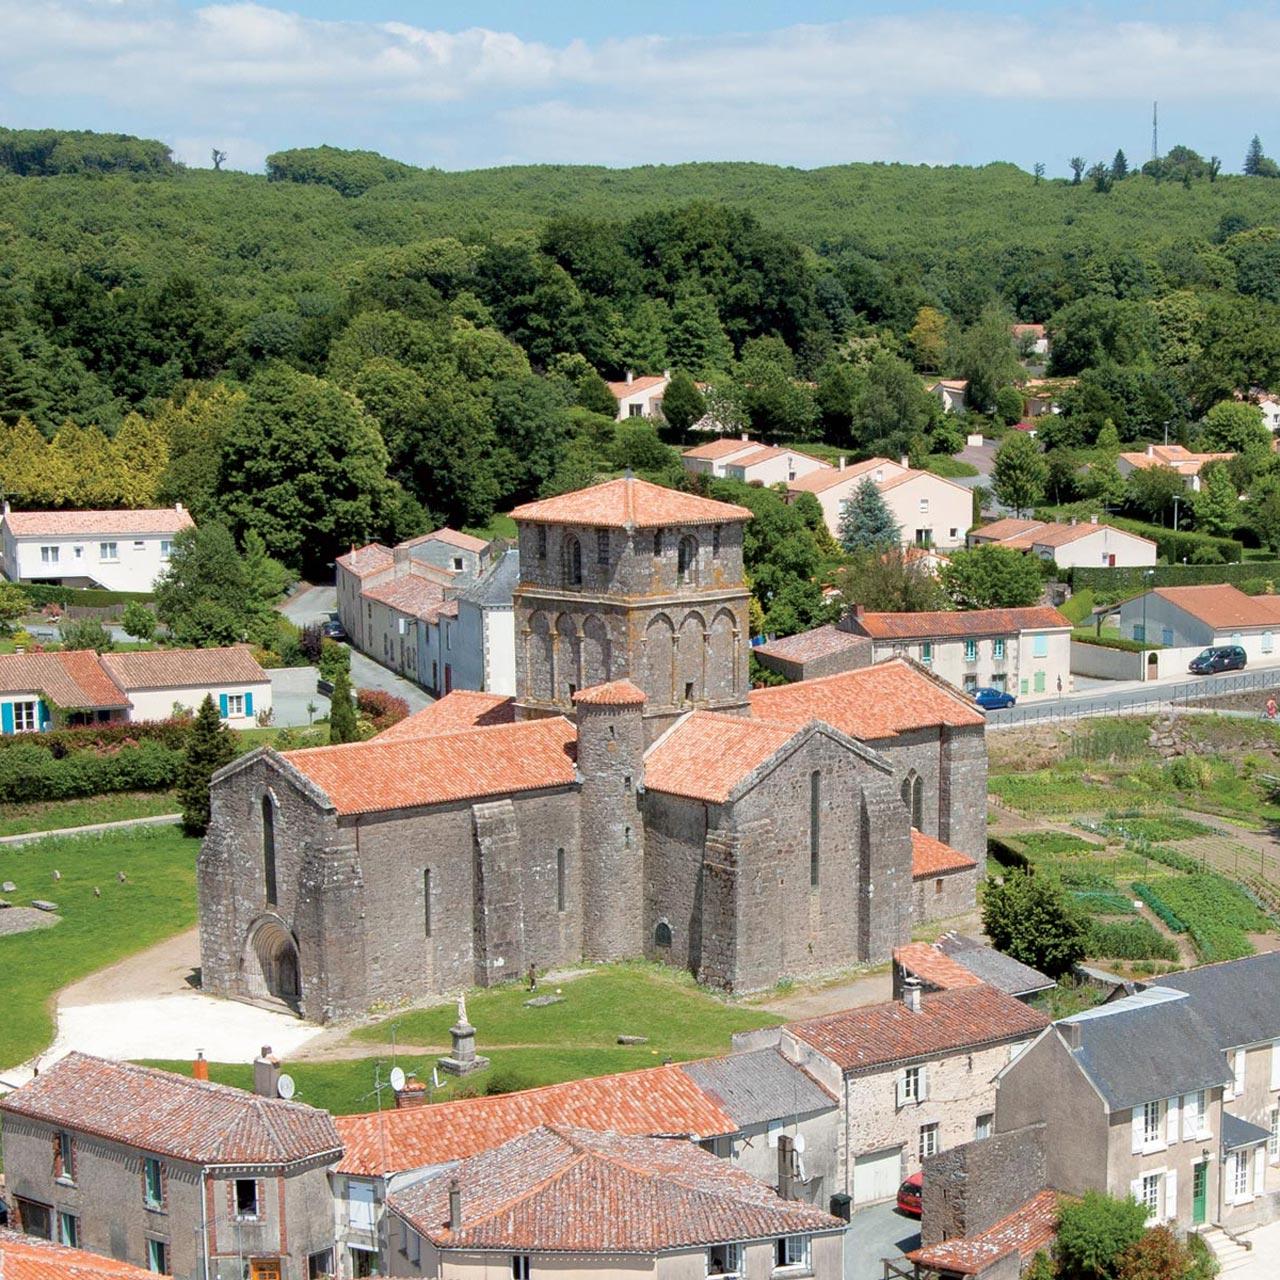 Eglise Notre-Dame-du-Vieux-Pouzauges